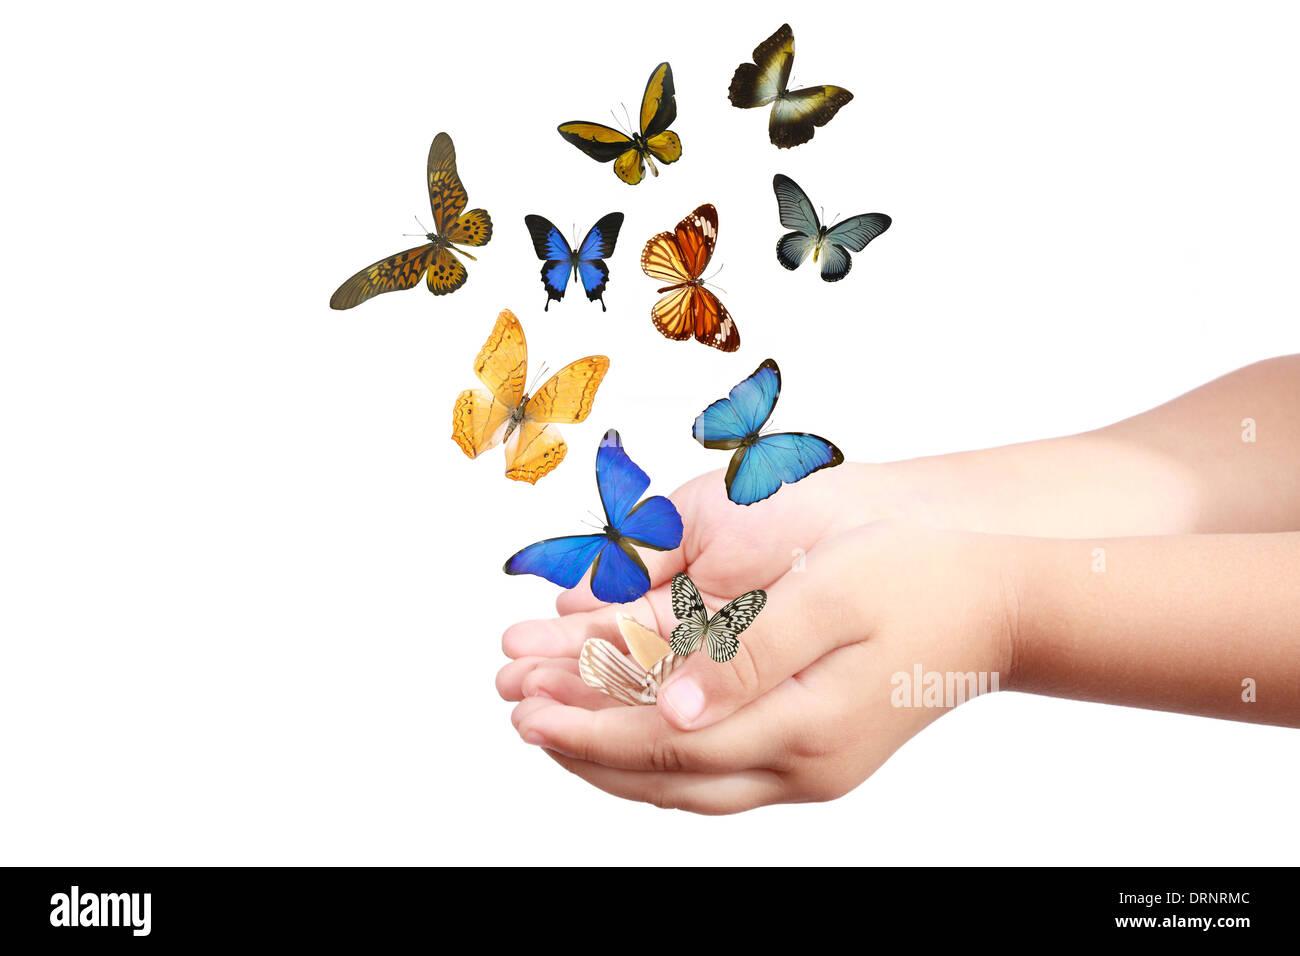 Bambino la mano rilasciando le farfalle Immagini Stock